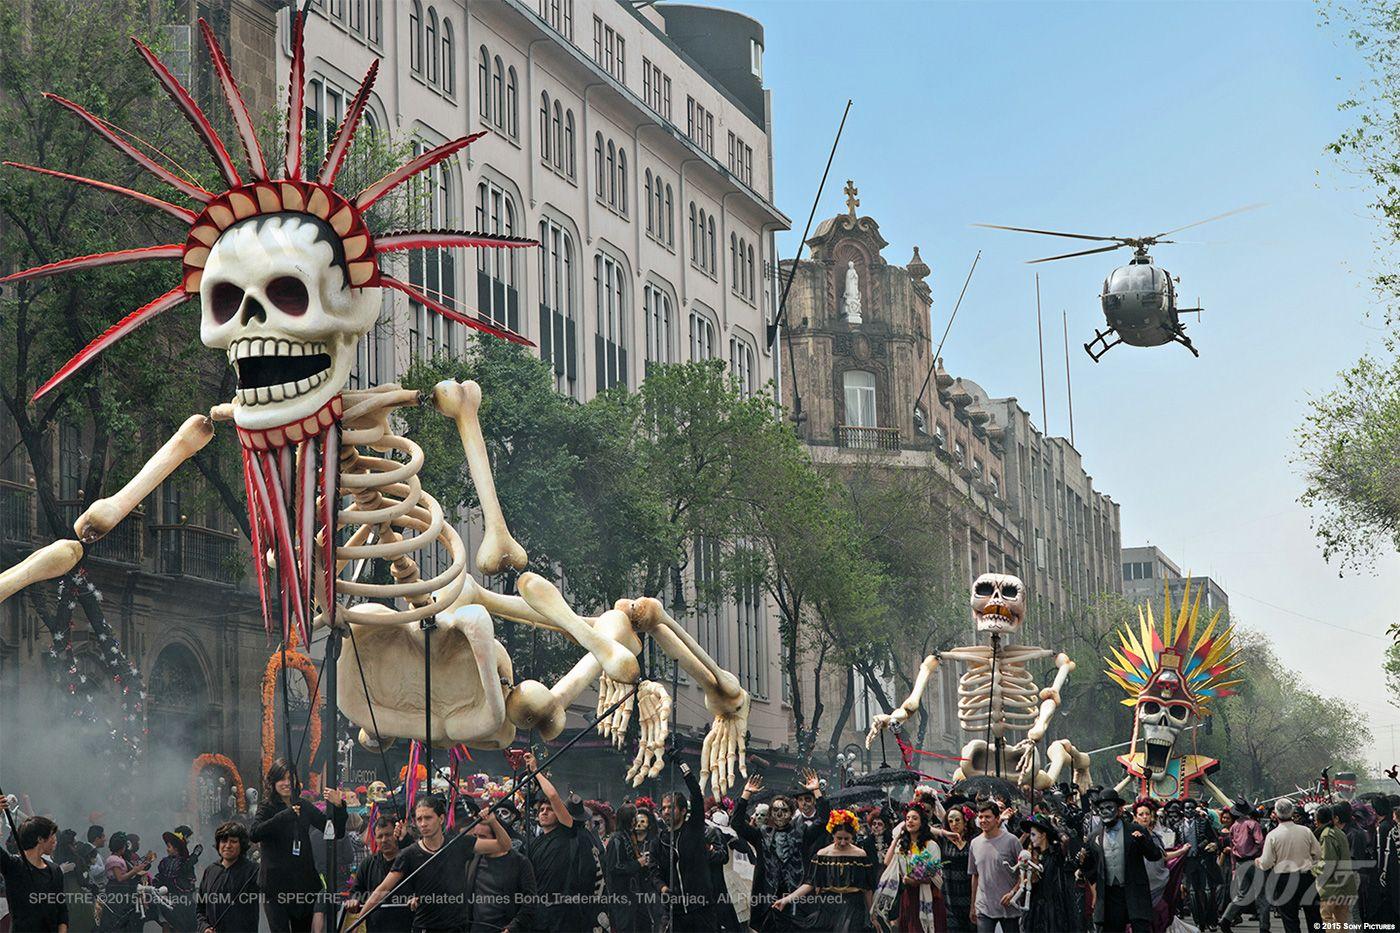 Spectre Mark Bakowski Vfx Supervisor Ilm The Art Of Vfx Mexico Day Of The Dead James Bond Spectre Day Of The Dead